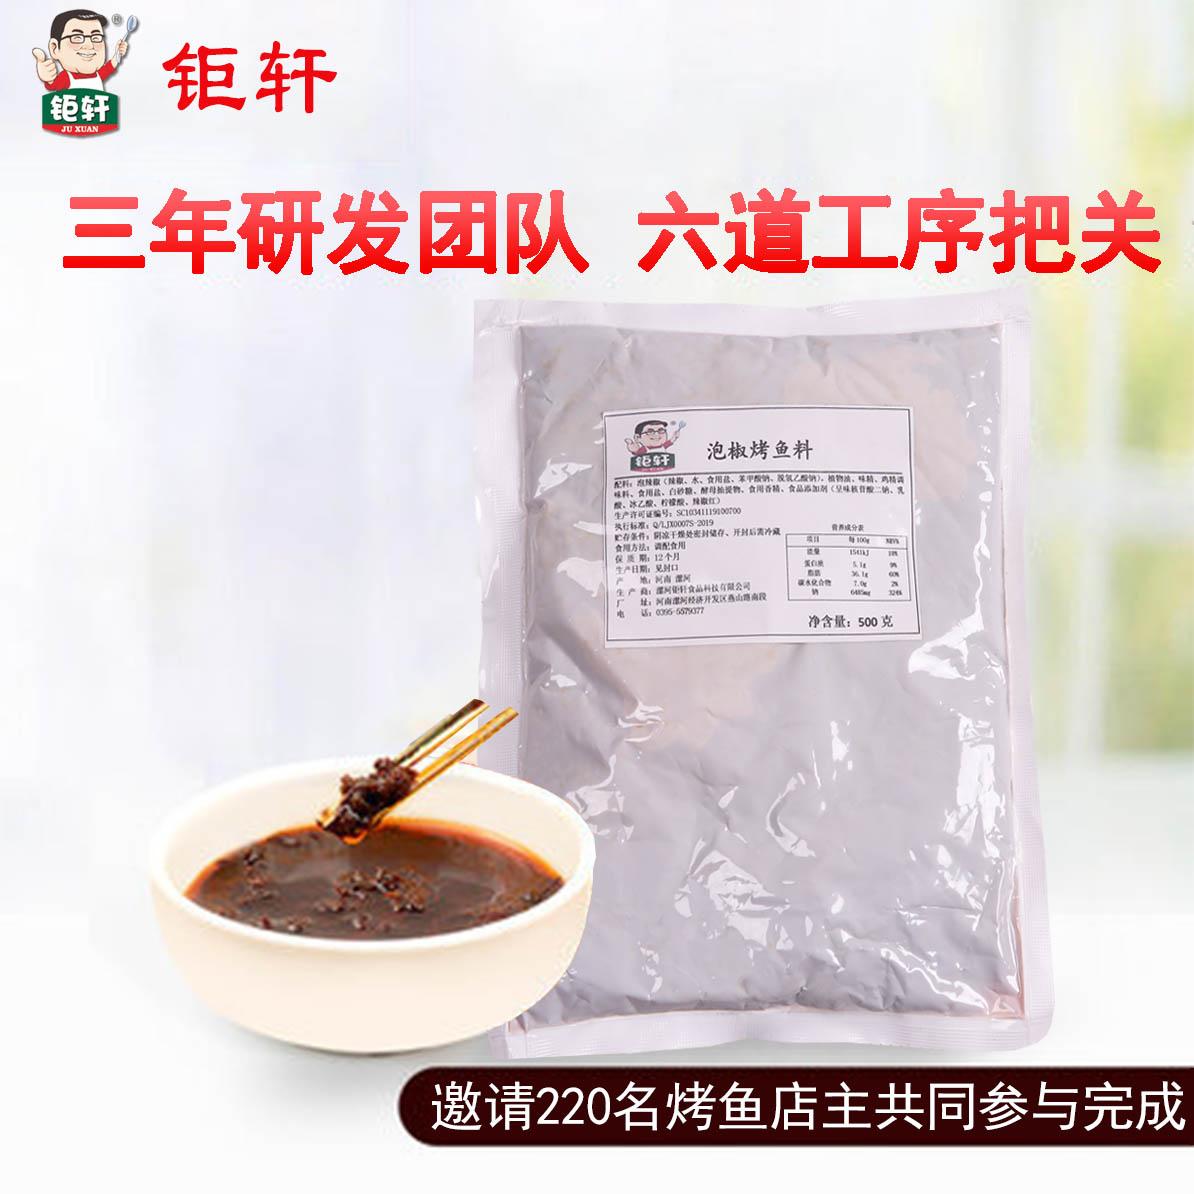 钜轩看球宝tv版——香辣烤鱼